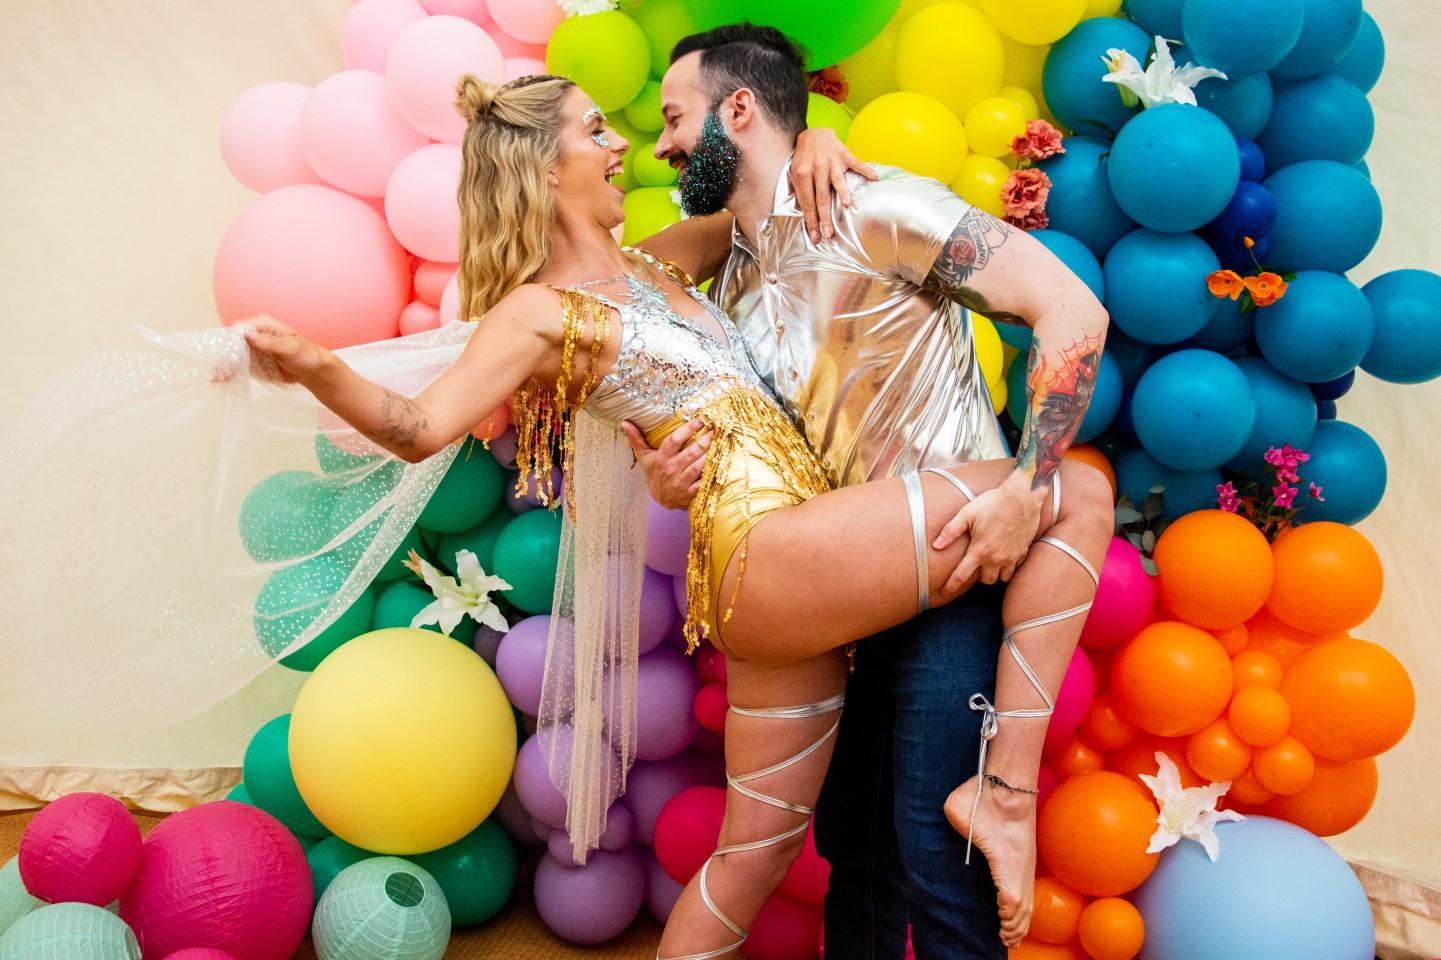 sparkly festival wedding - rainbow wedding - colourful wedding - sparkly wedding wear - colourful wedding backdrop - colourful wedding balloons - festival bride - fun wedding